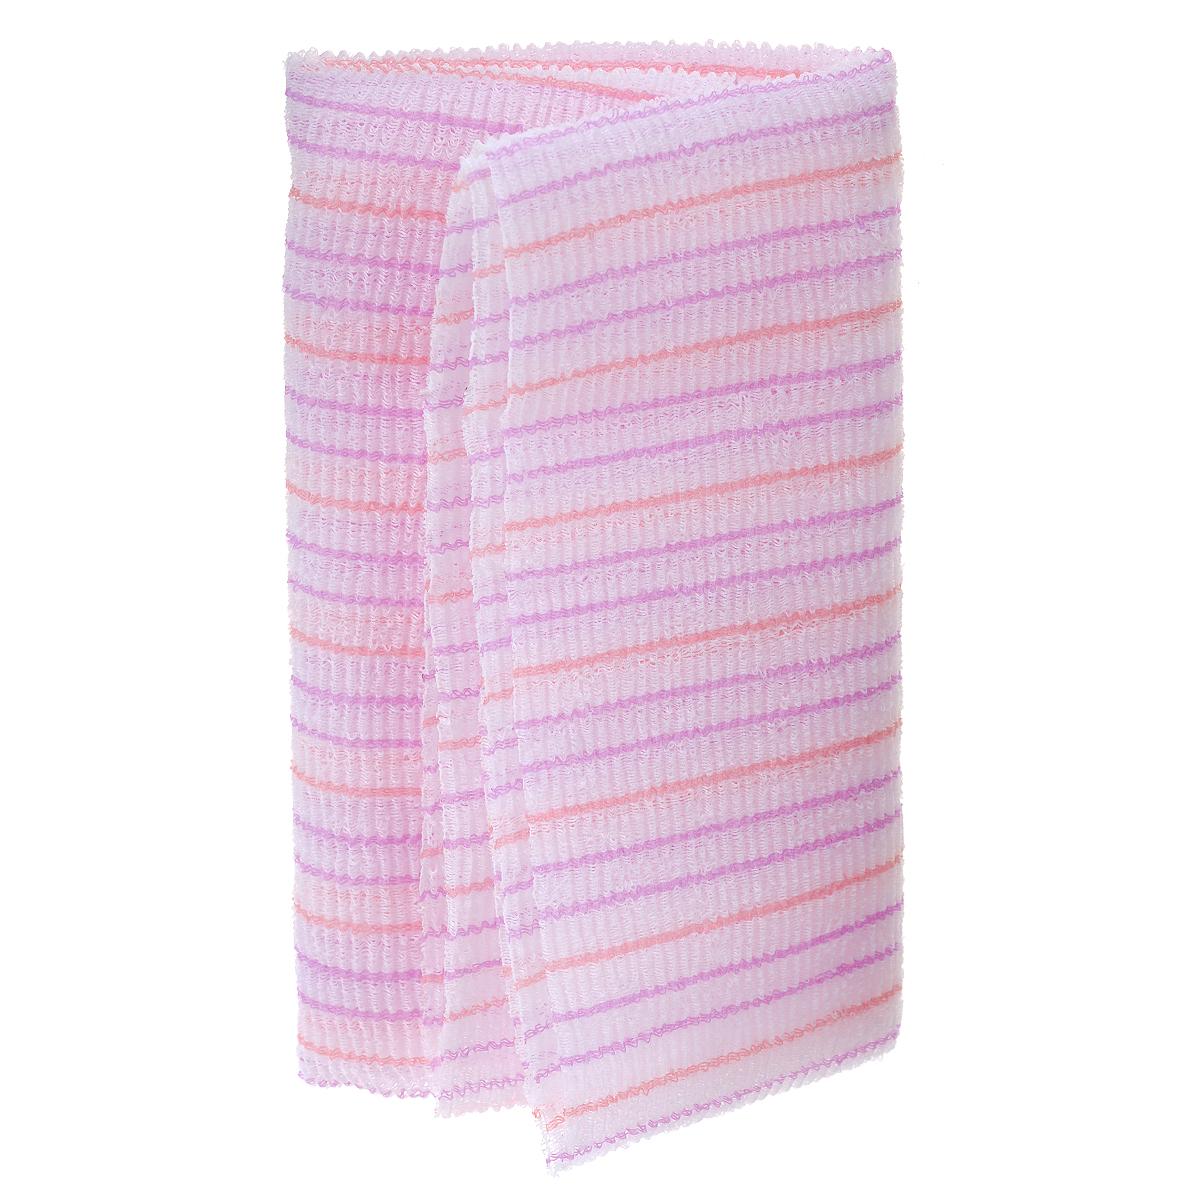 SungBo Мочалка для душа Clean&Beauty Fresh, цвет: розовый, 28 см х 100 см, 1 штУТ000000670Благодаря оригинальной вязке из гофрированного волокна мочалка создает одновременно ощущение мягкости так и ощущение пилинга, нежно отшелушивая огрубевшую кожу. Шероховатая текстура стимулирует циркуляцию крови по всему телу и помогает сохранить здоровье и упругость кожи. Мочалка позволяет получать обильную пену, используя небольшое количество геля для душа. Ее легко мыть, и она быстро сохнет. Высококачественное волокно обеспечивает долговечность мочалки.